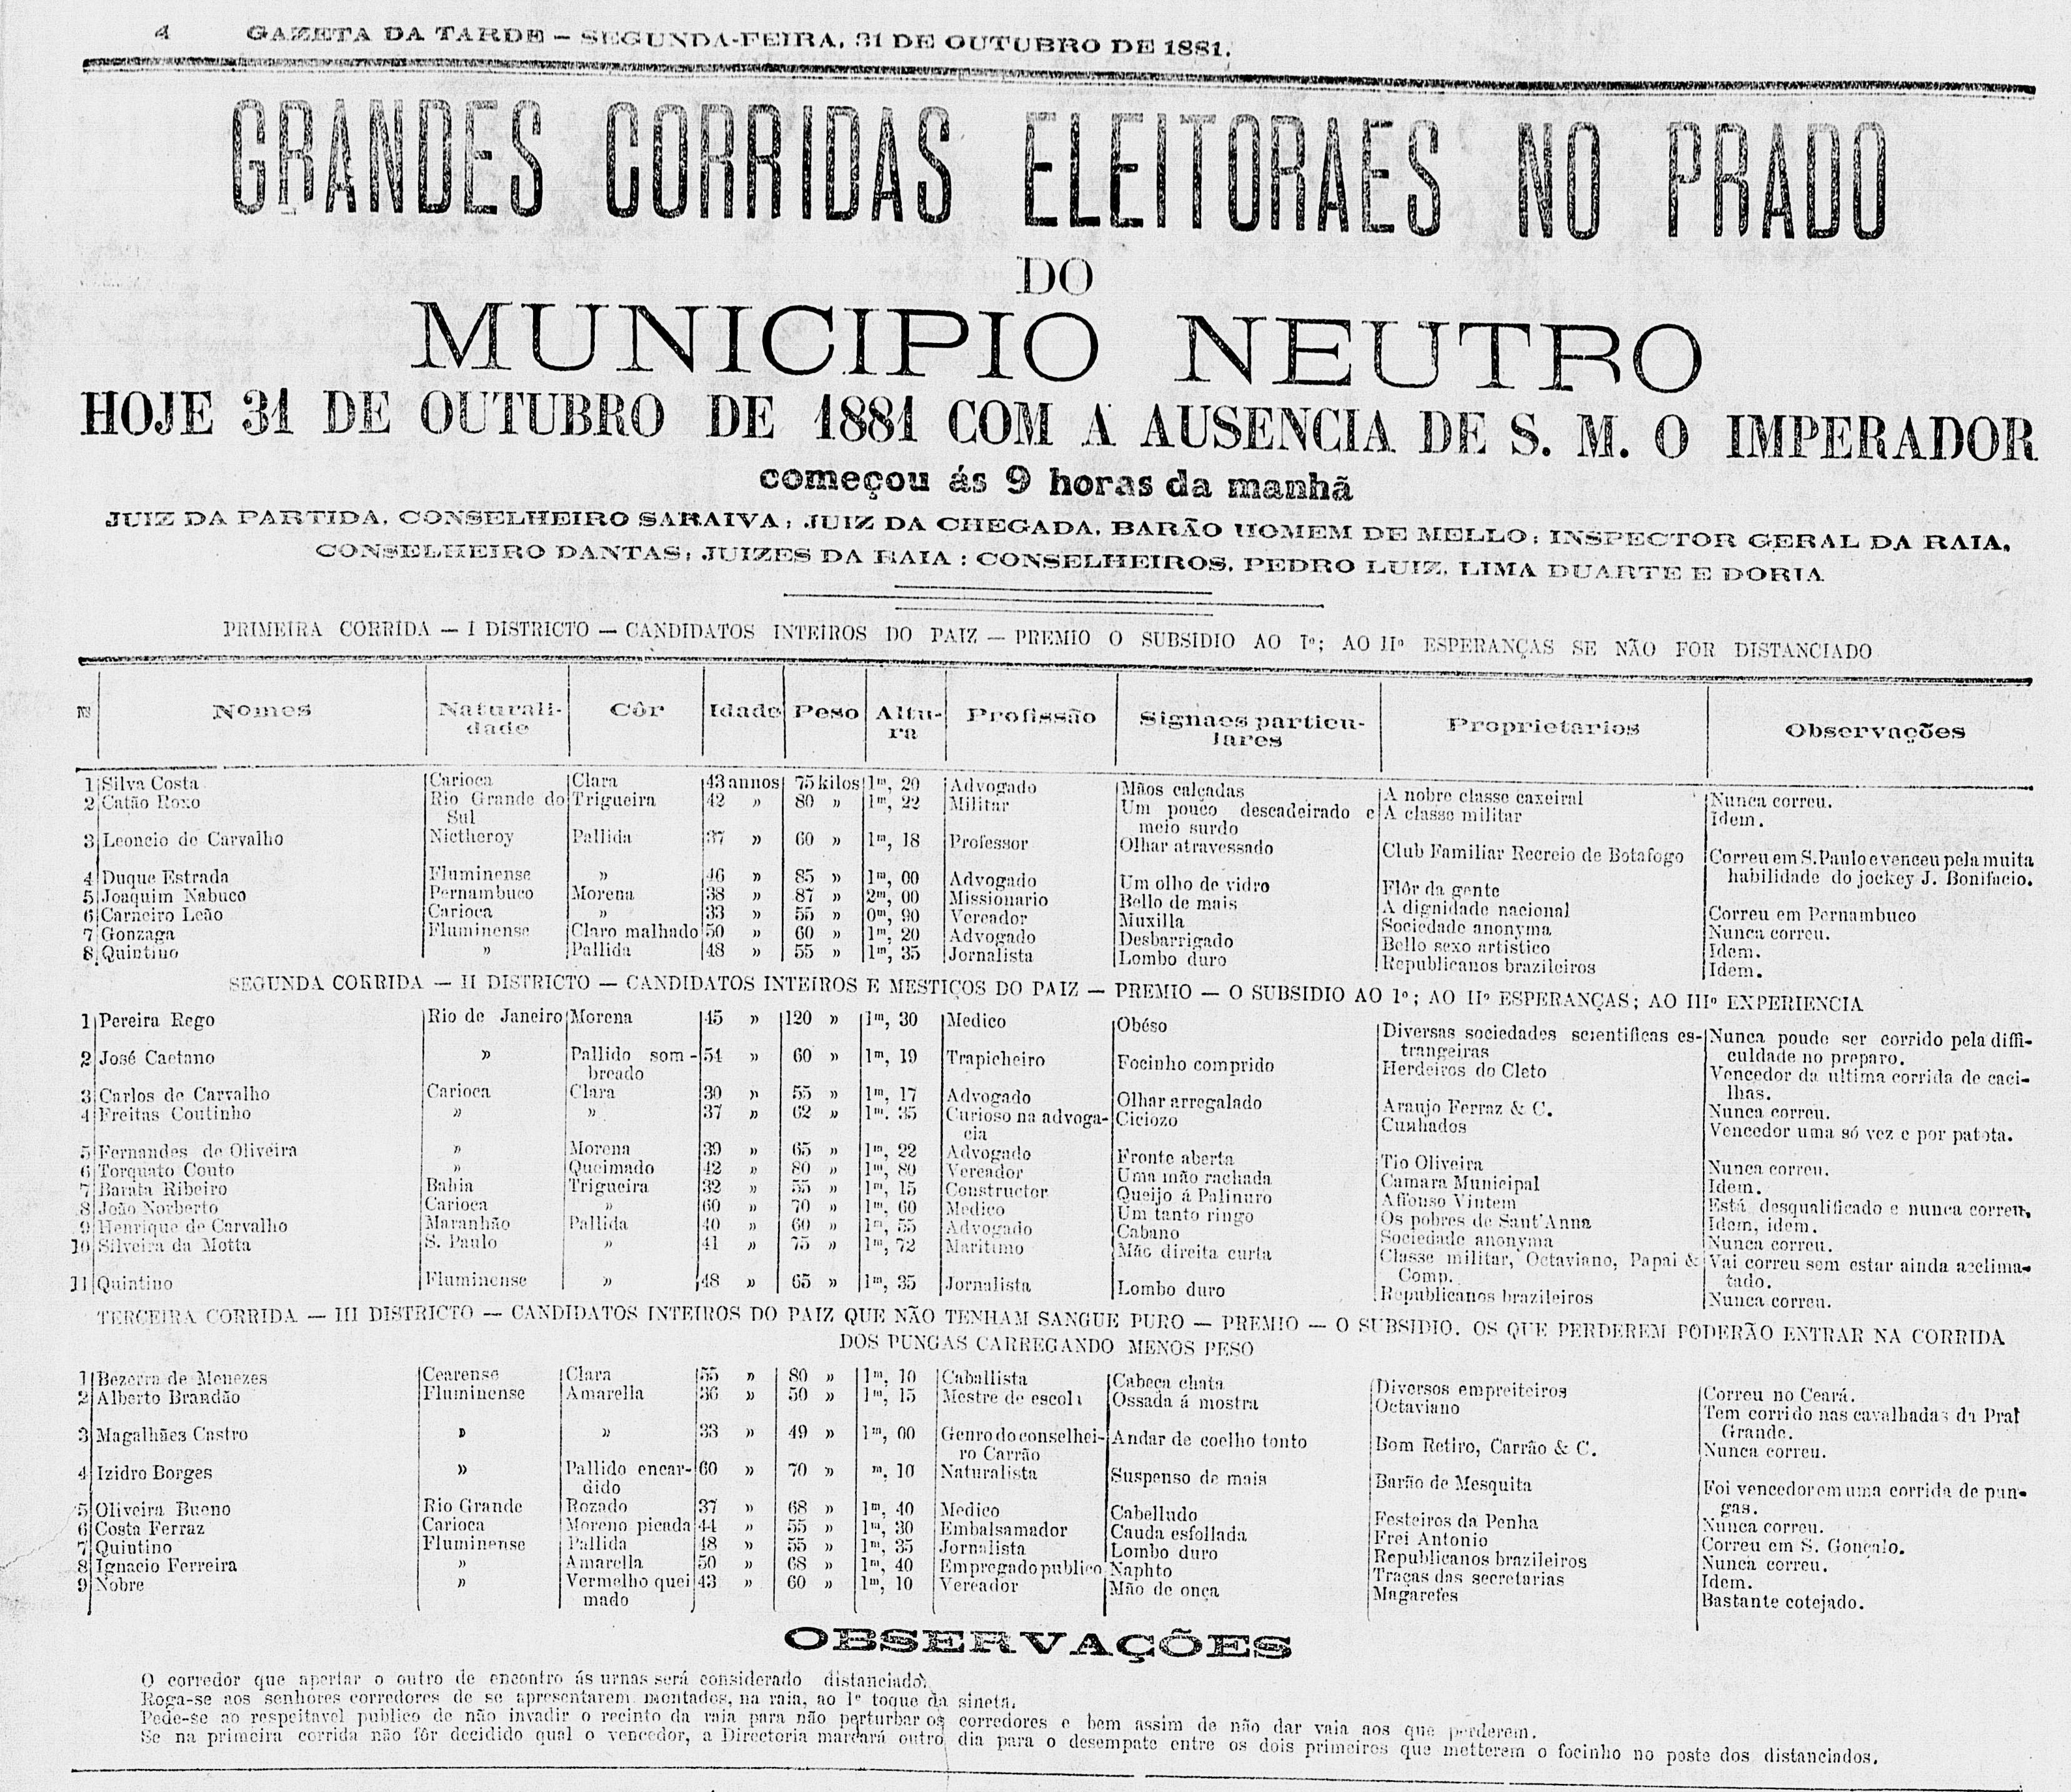 Grandes Corridas Eleitorais no Prado do Munícipio Neutro (Gazeta da Tarde, 31/10/1881, ed. 254, p.4)